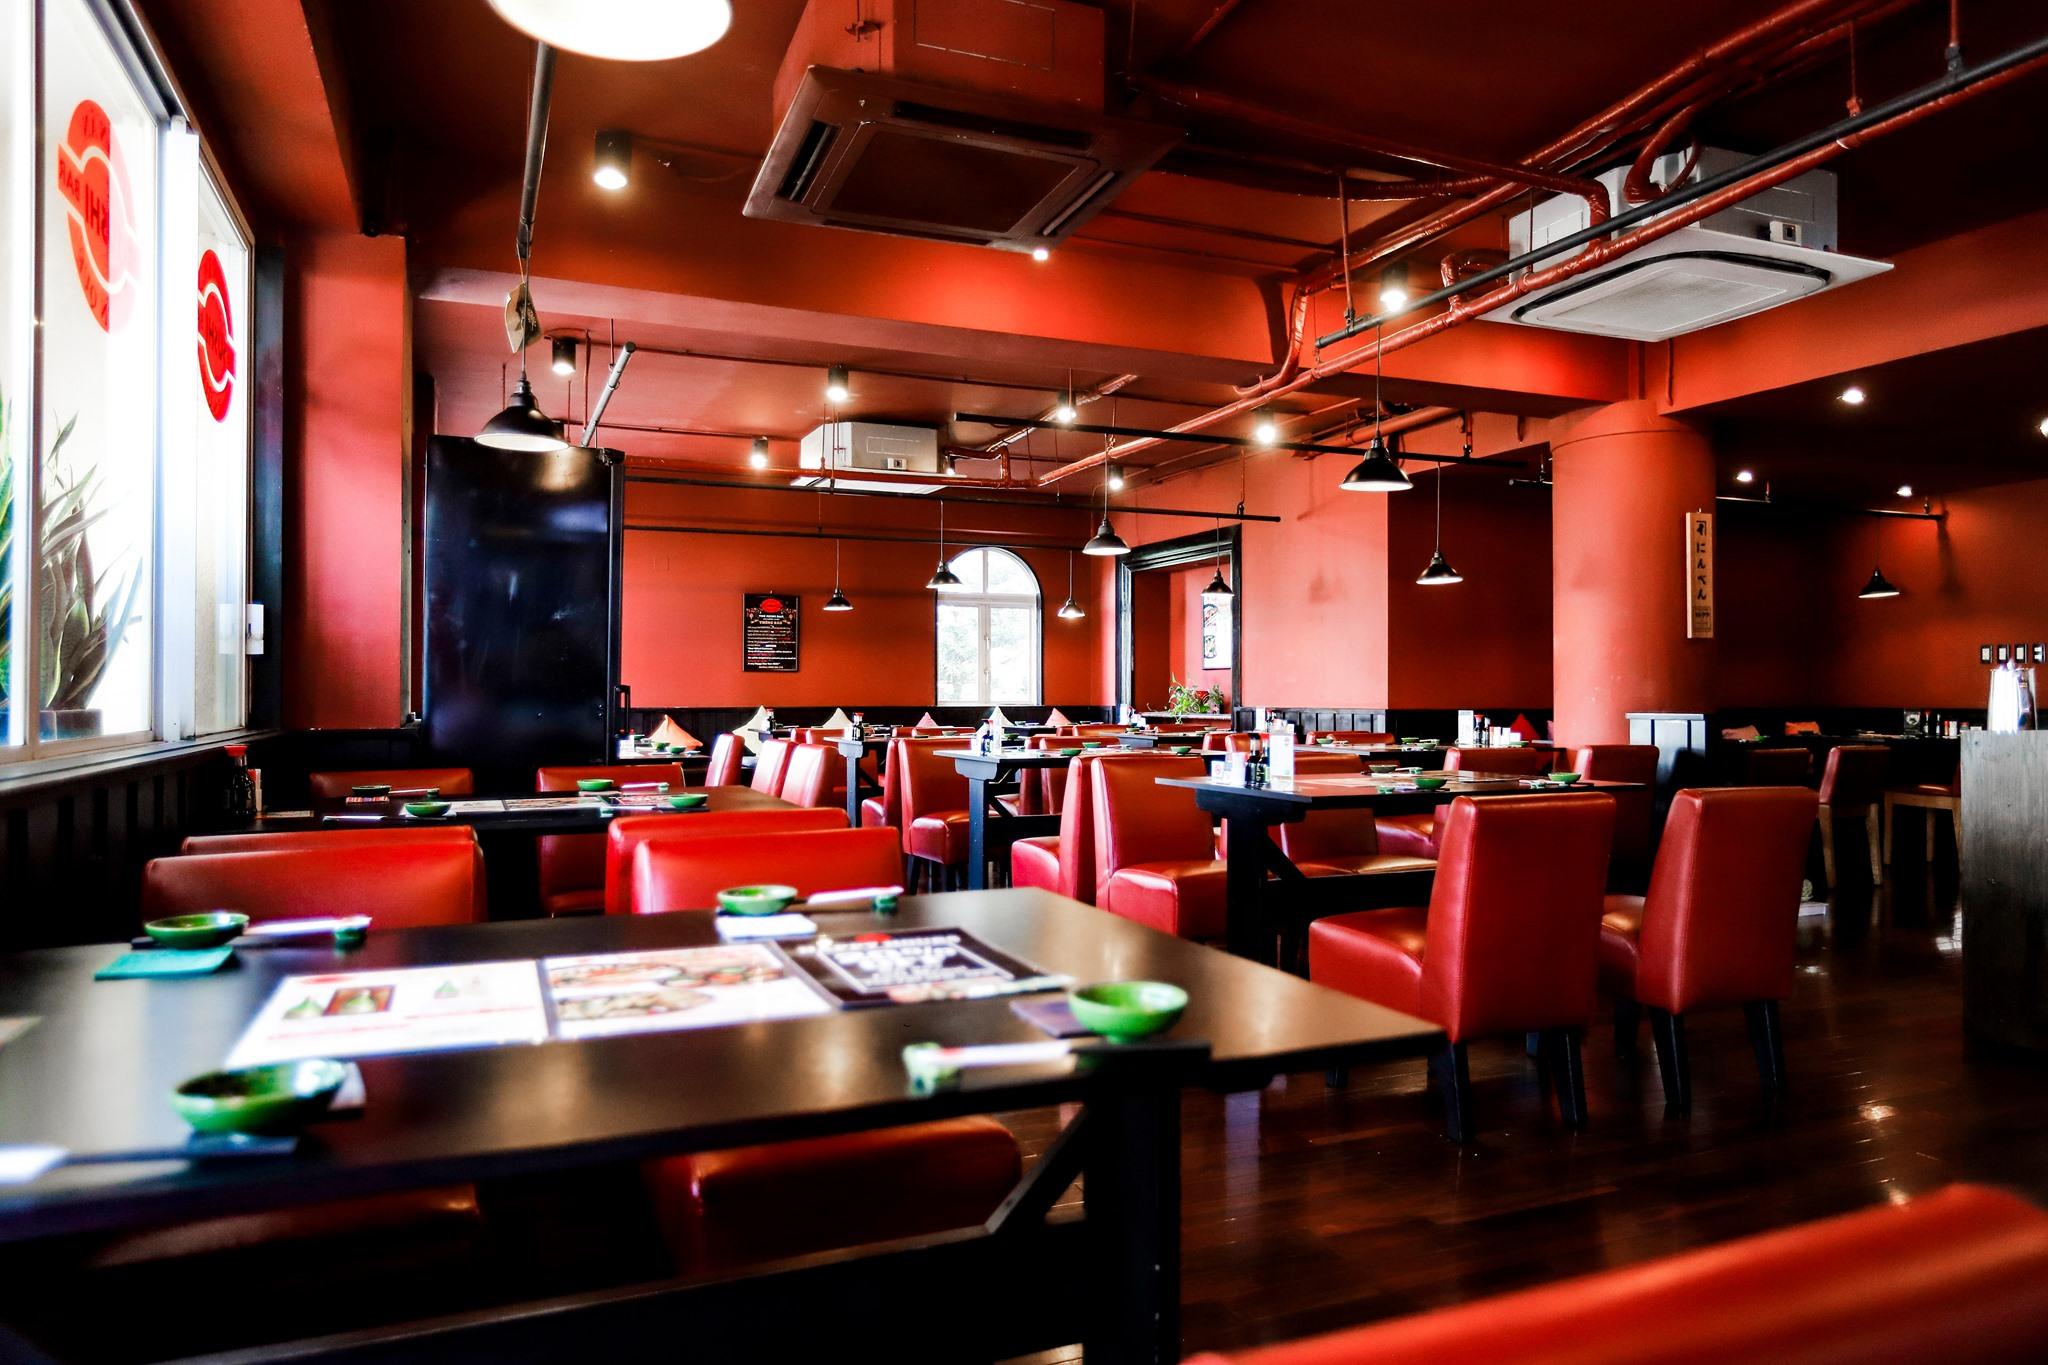 khong gian The Sushi Bar